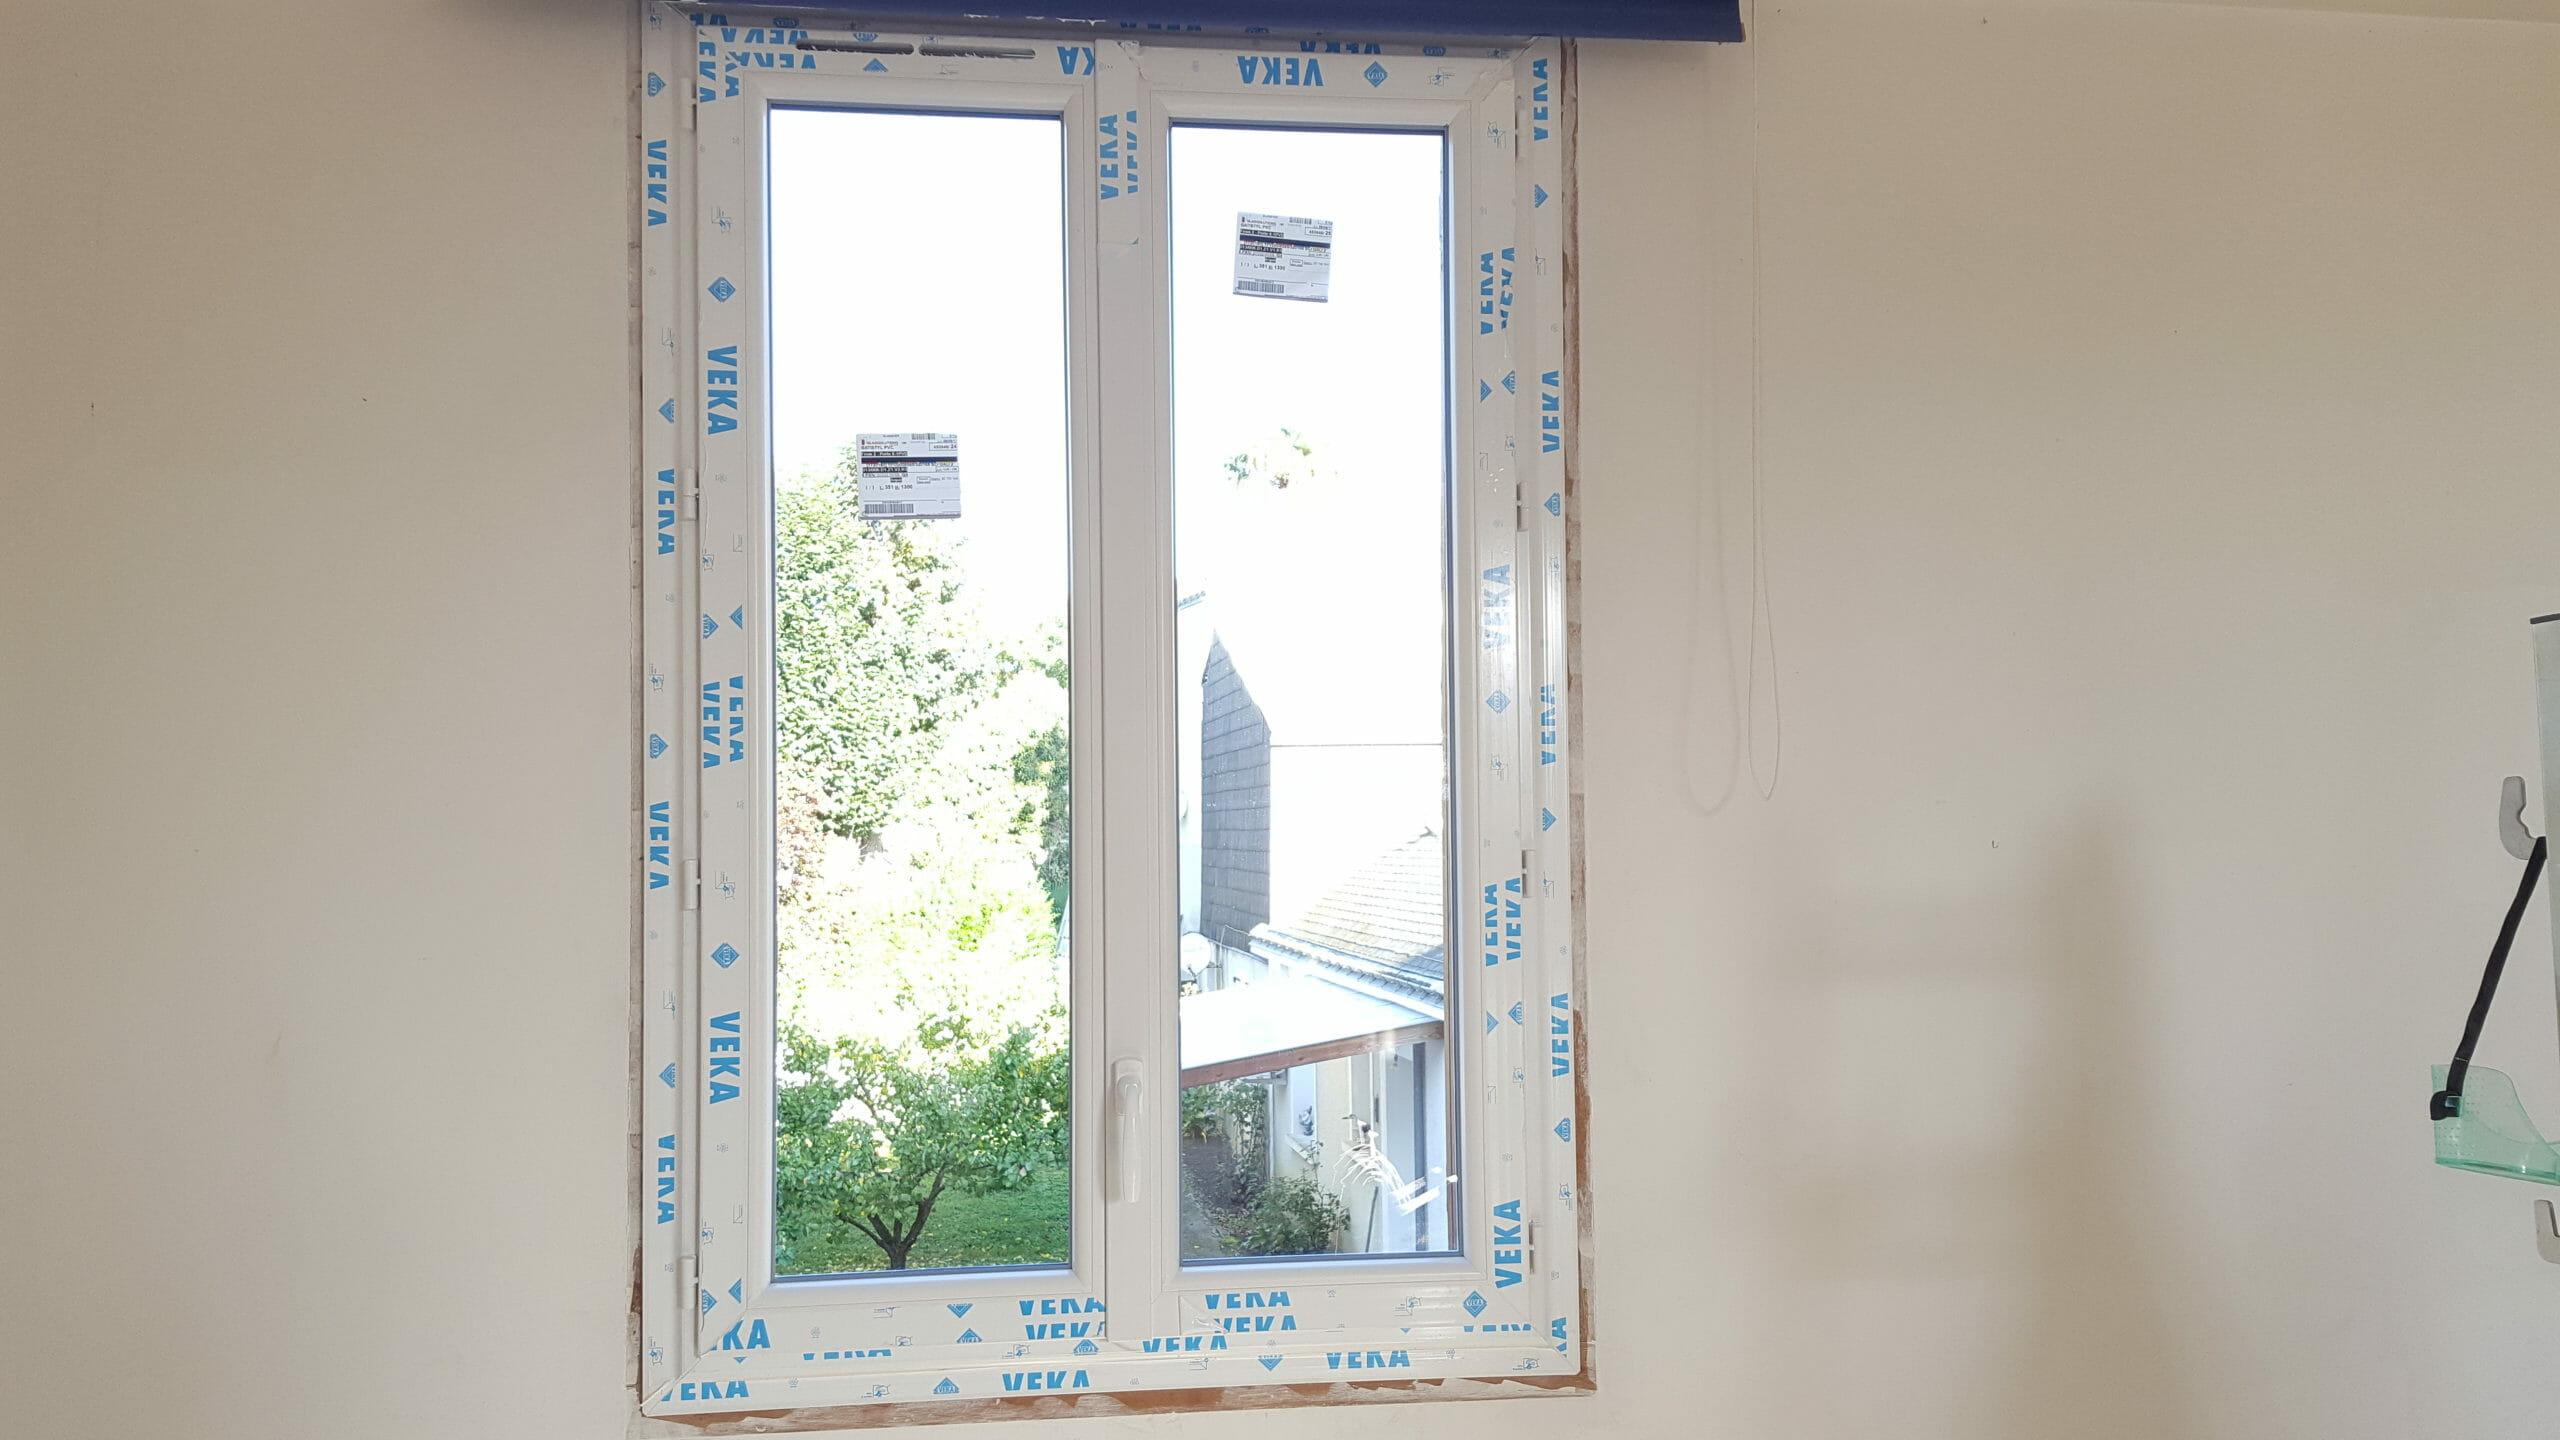 Pose de nouvelle fenêtre dans l'immeuble à 0 euro